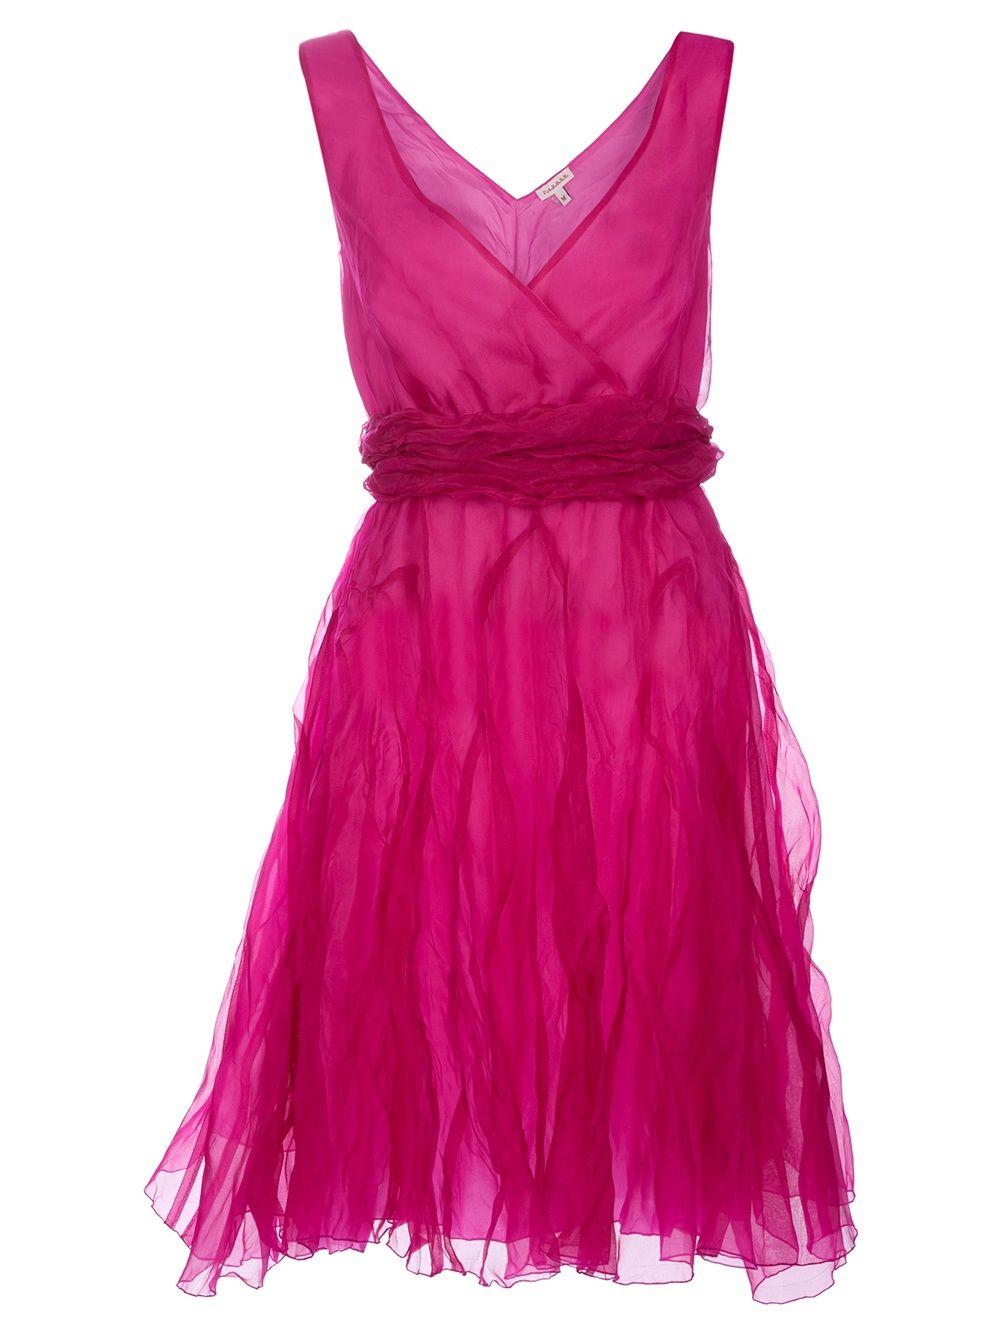 da54bb779153 fuchsia dress   http   www.farfetch.com shopping women